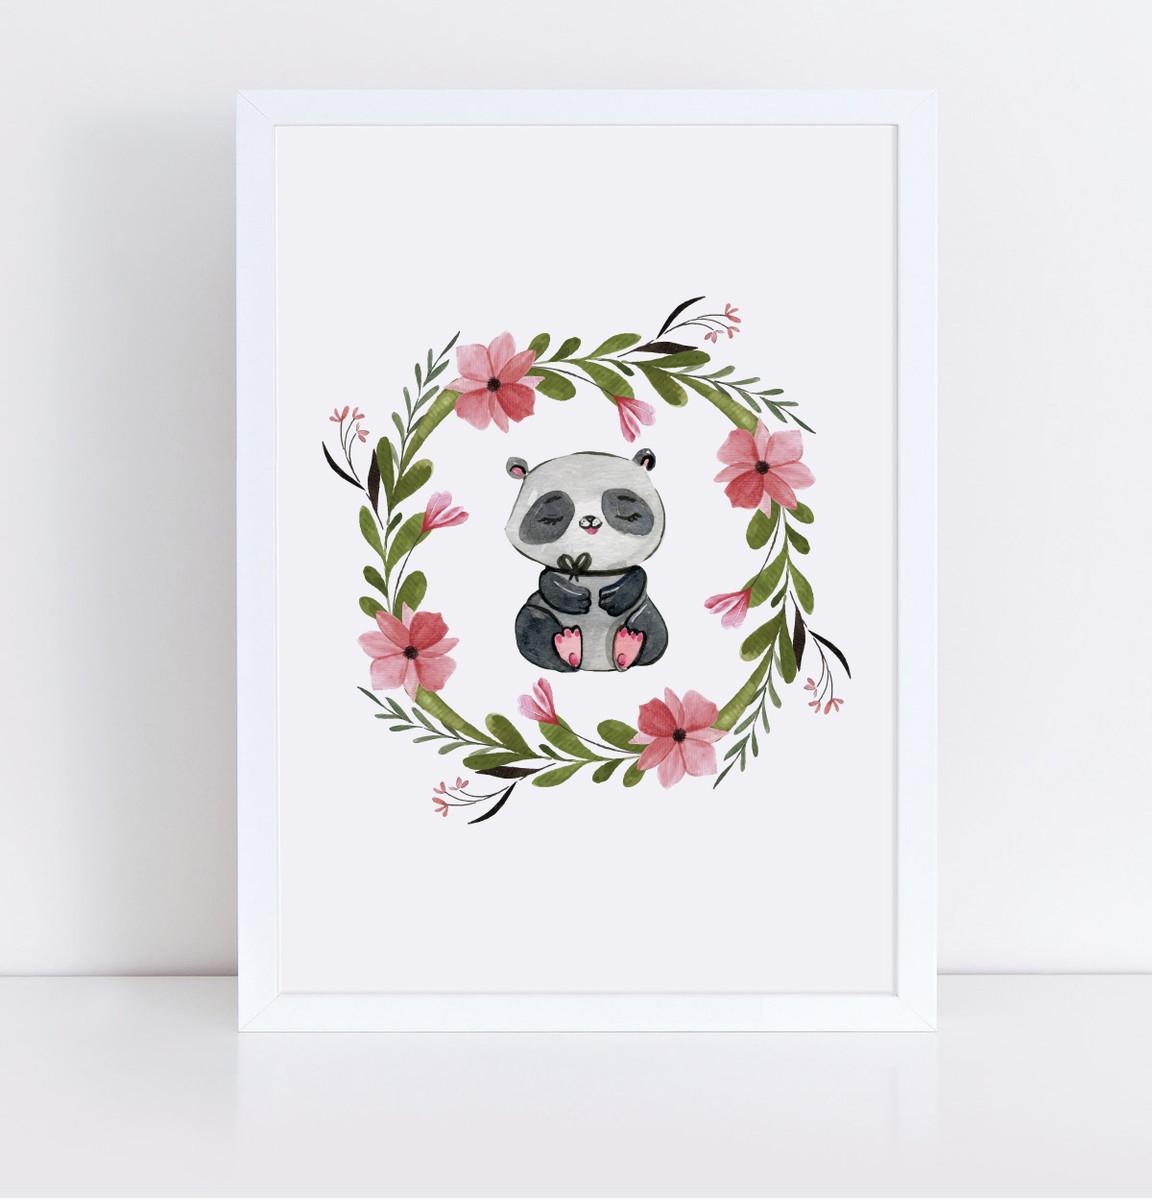 c54361689e9a33 Arte Digital: Quadro para Quarto de Bebê Panda